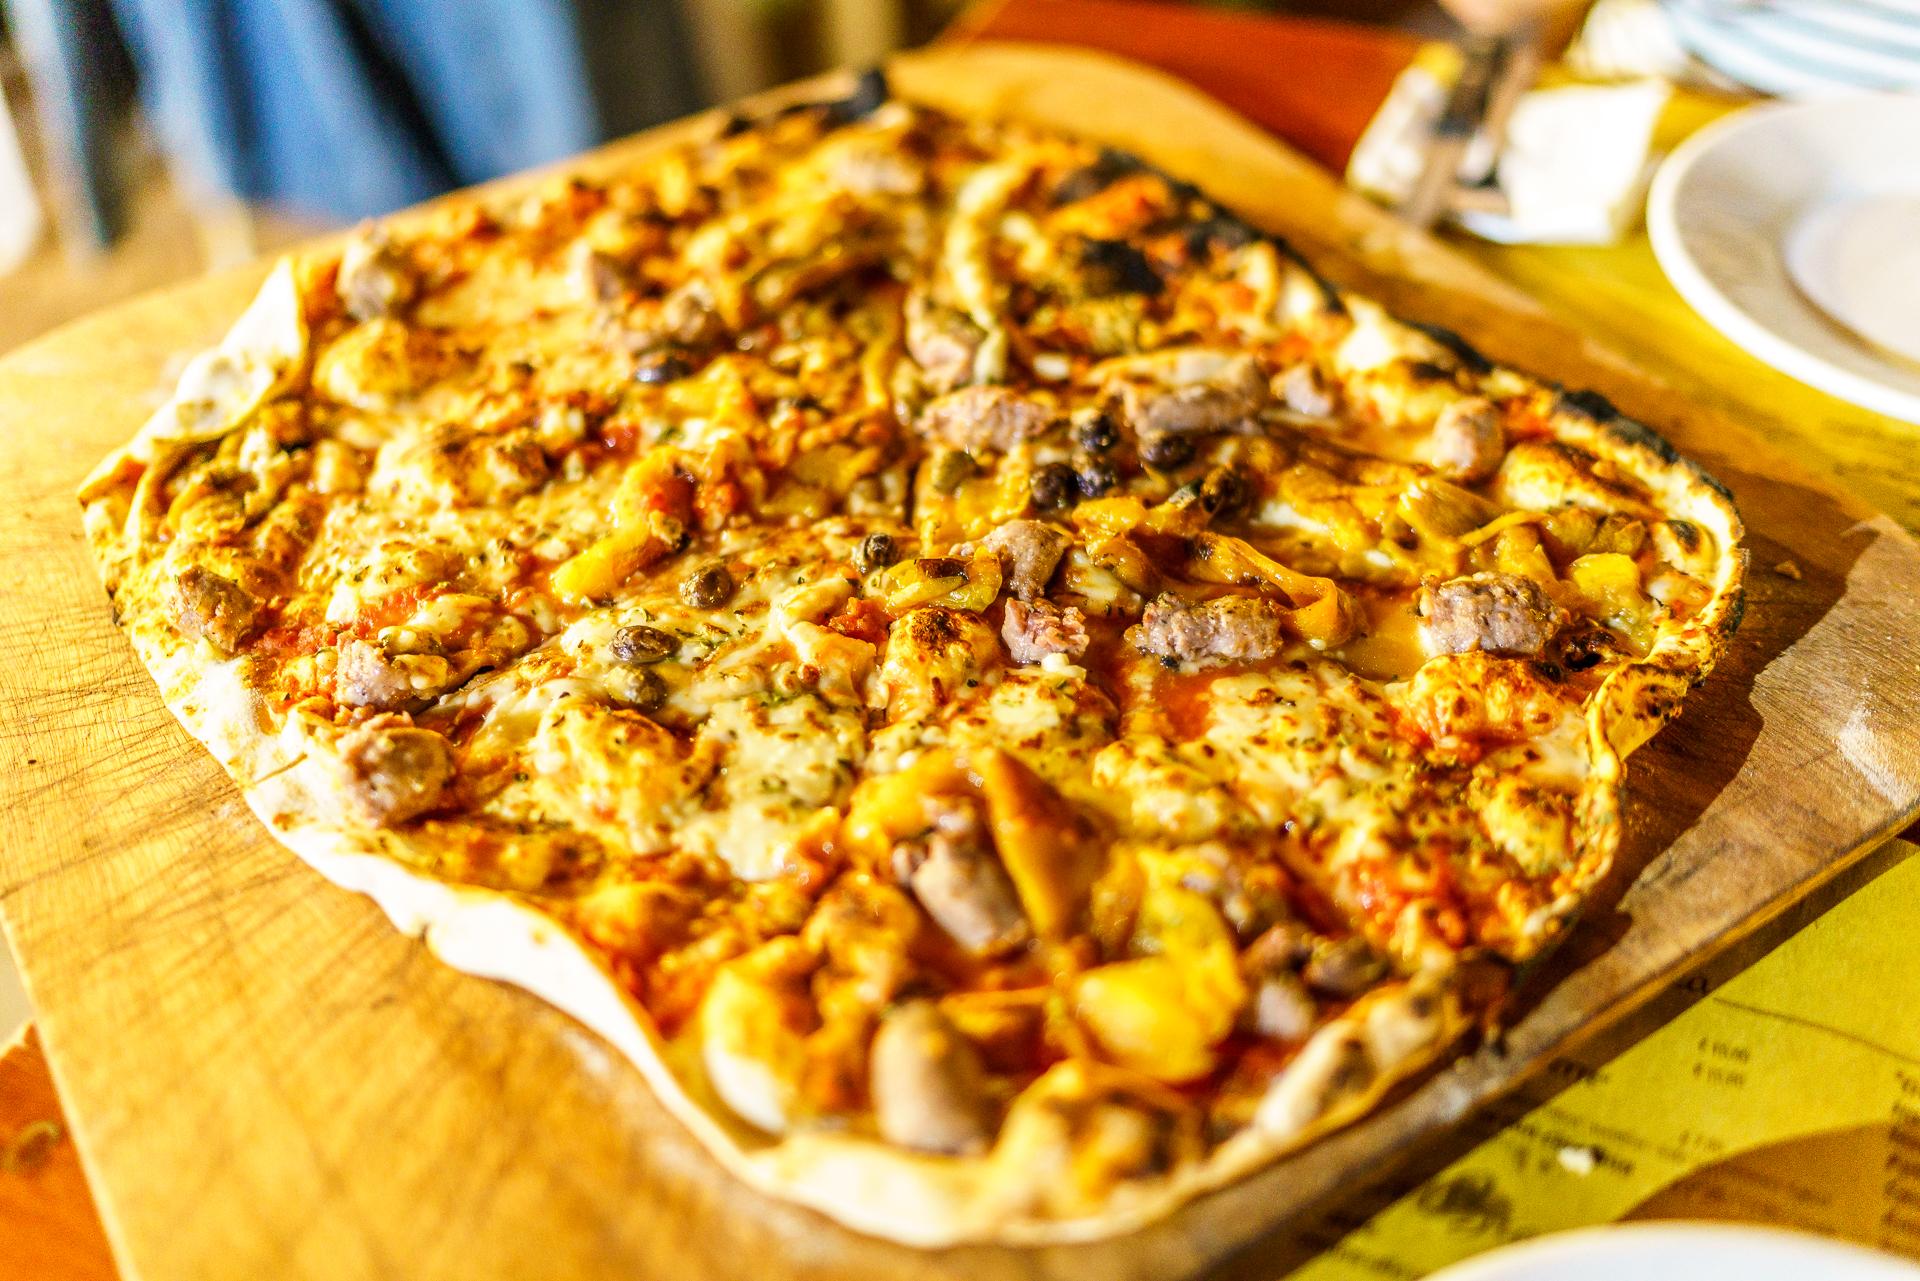 le-logge-pizza-borgomaro